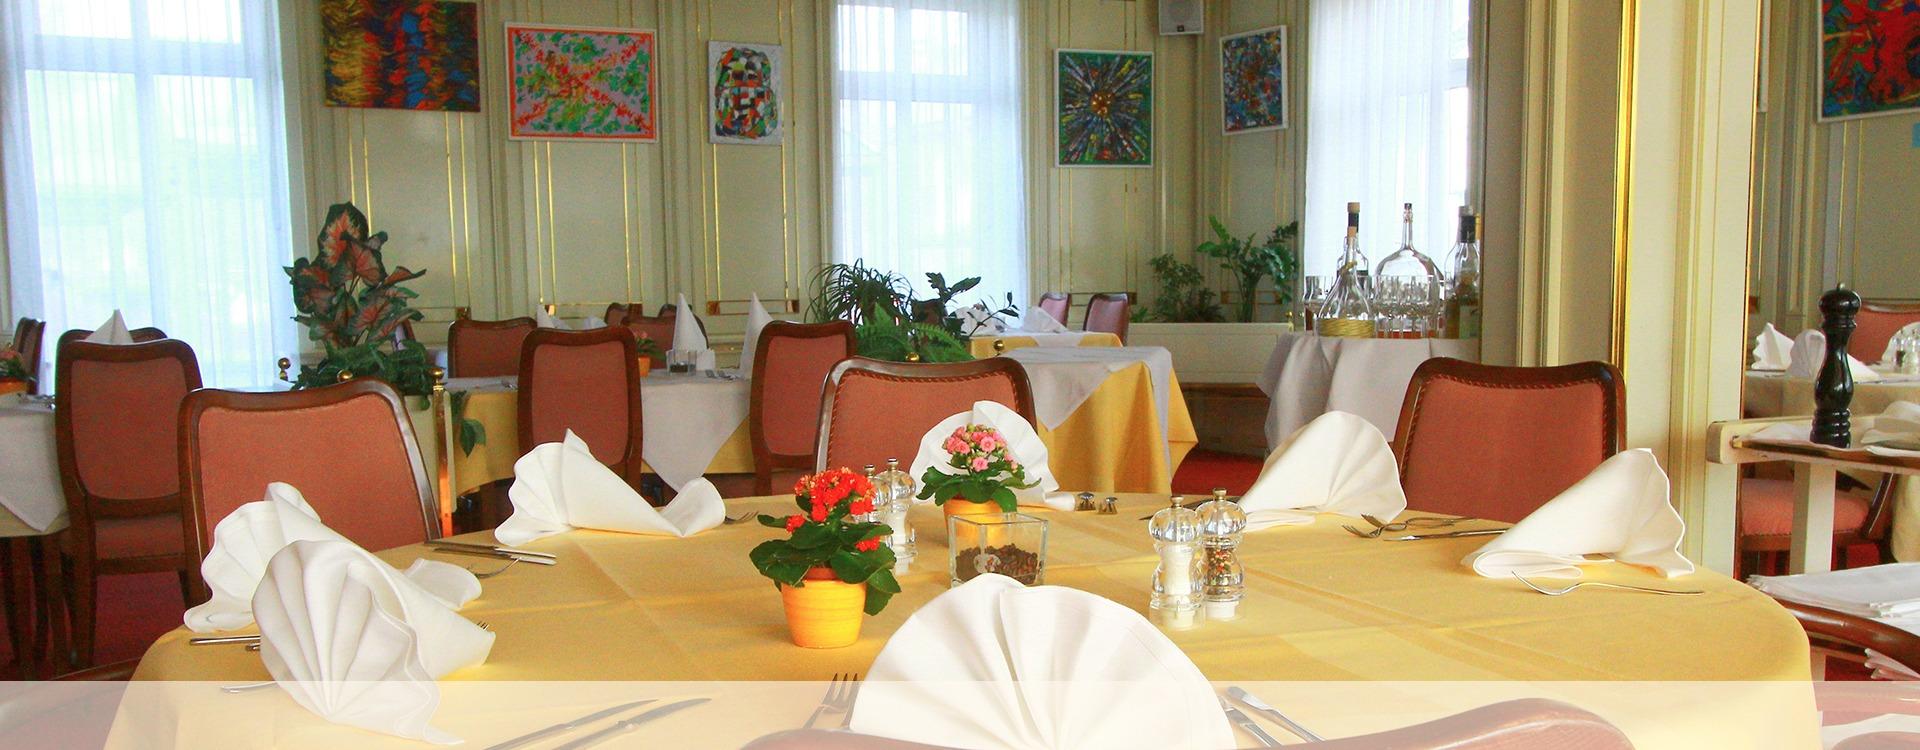 Hotel Restaurant in Eichenau bei München